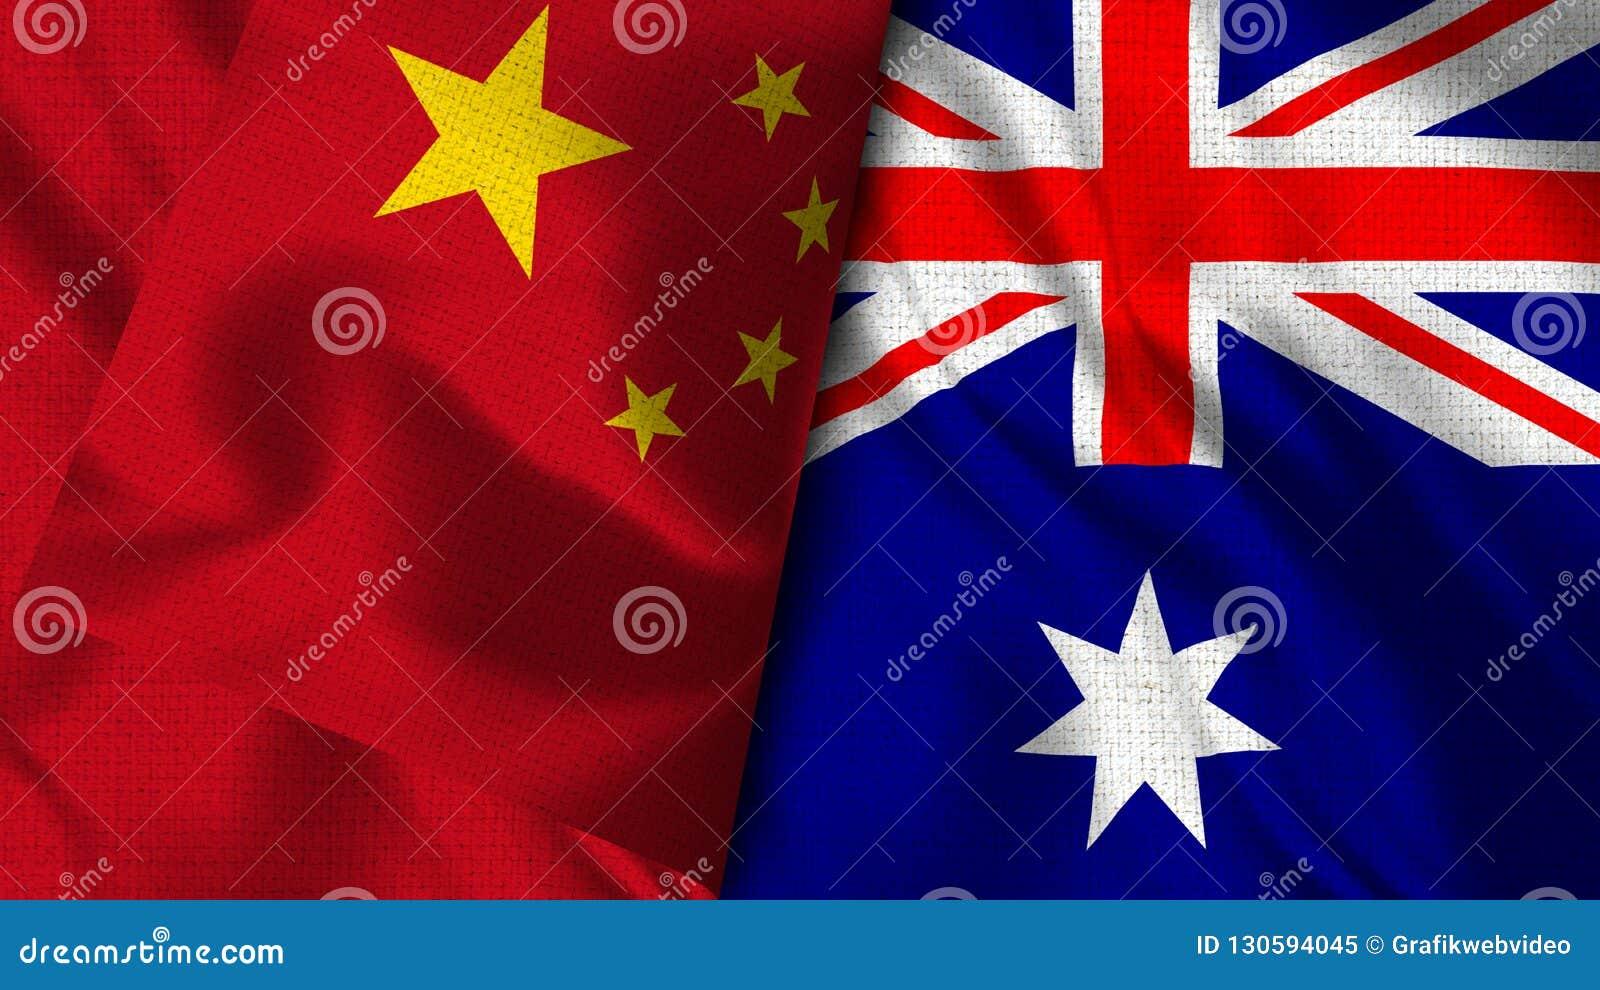 Drapeau de l Australie et de la Chine - 3D drapeau de l illustration deux